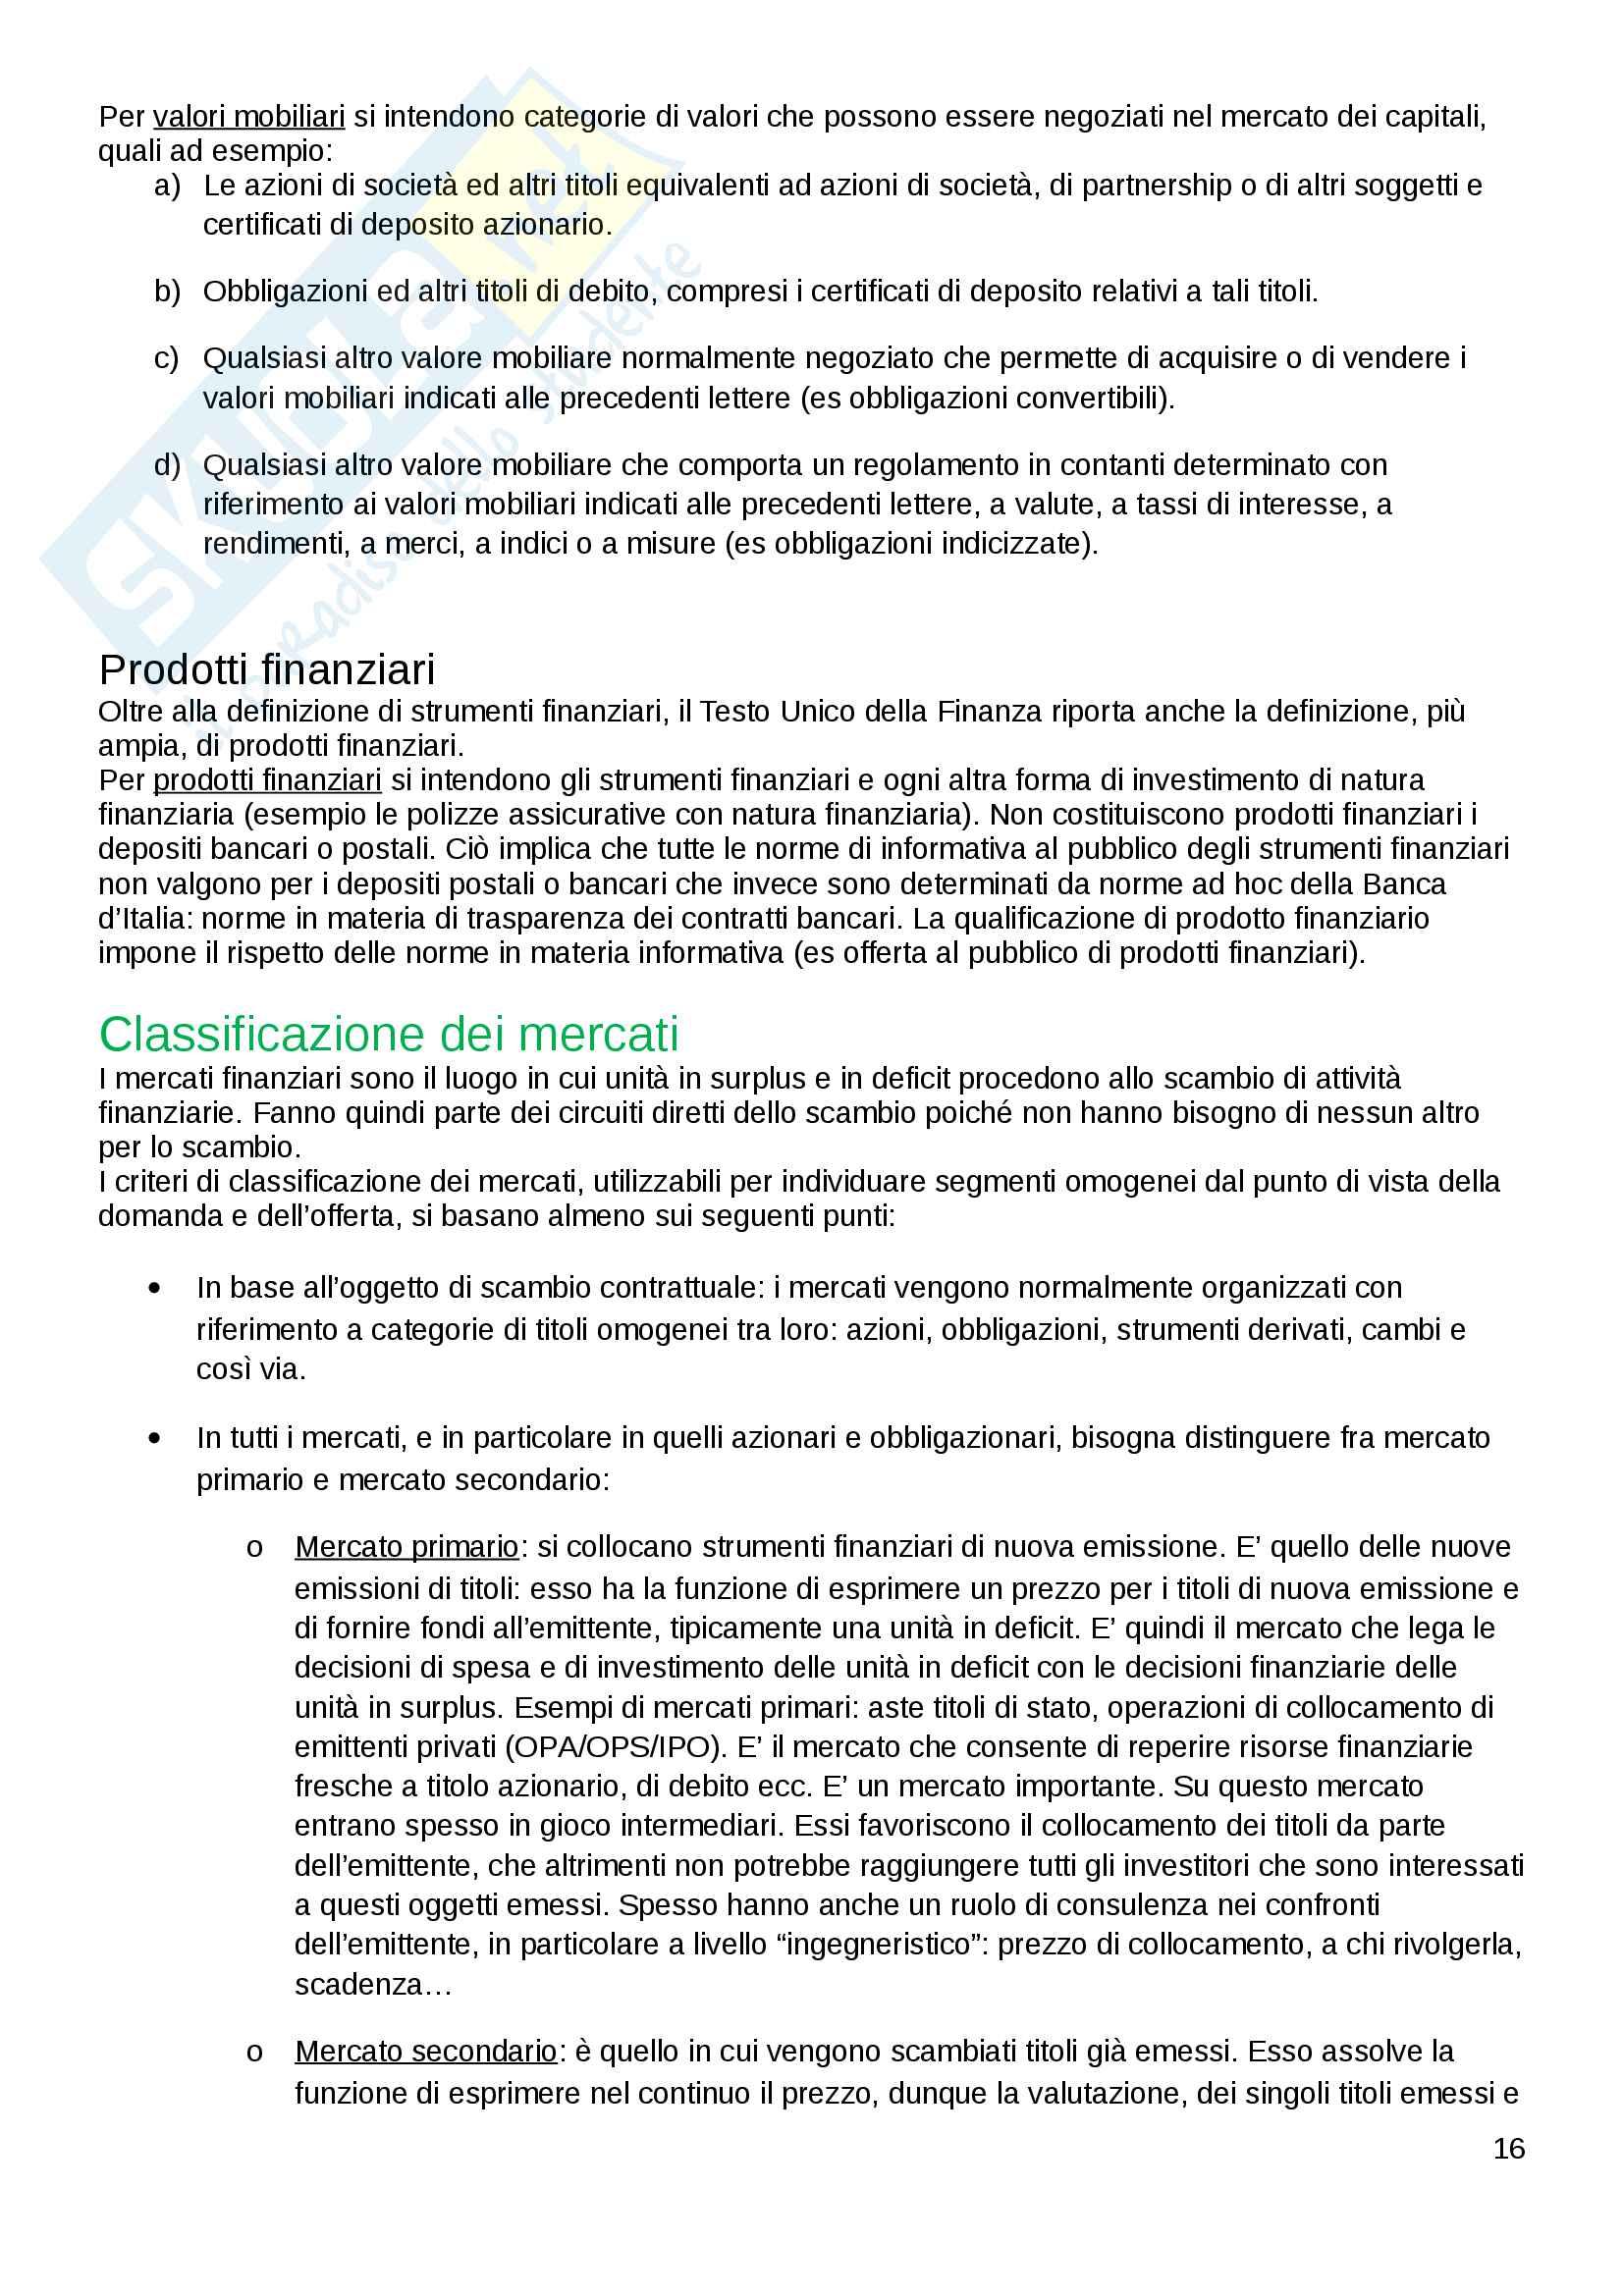 Economia delle Aziende di Credito Pag. 16